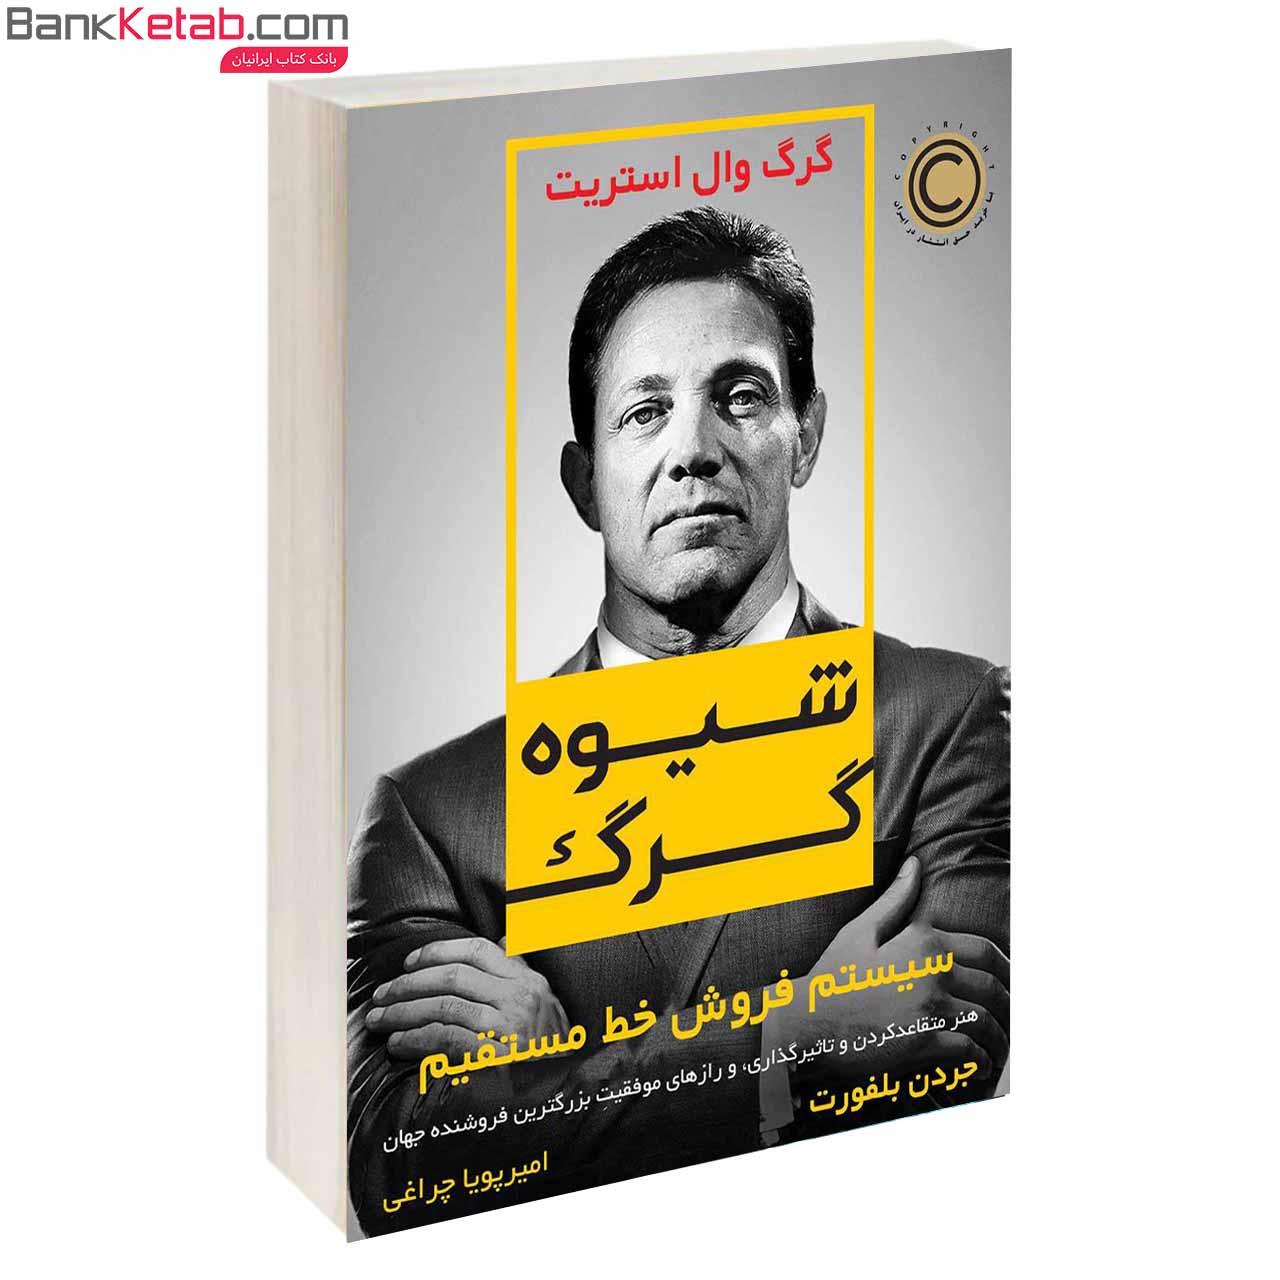 کتاب شیوه گرگ از جردن بلفورت نشر نوین